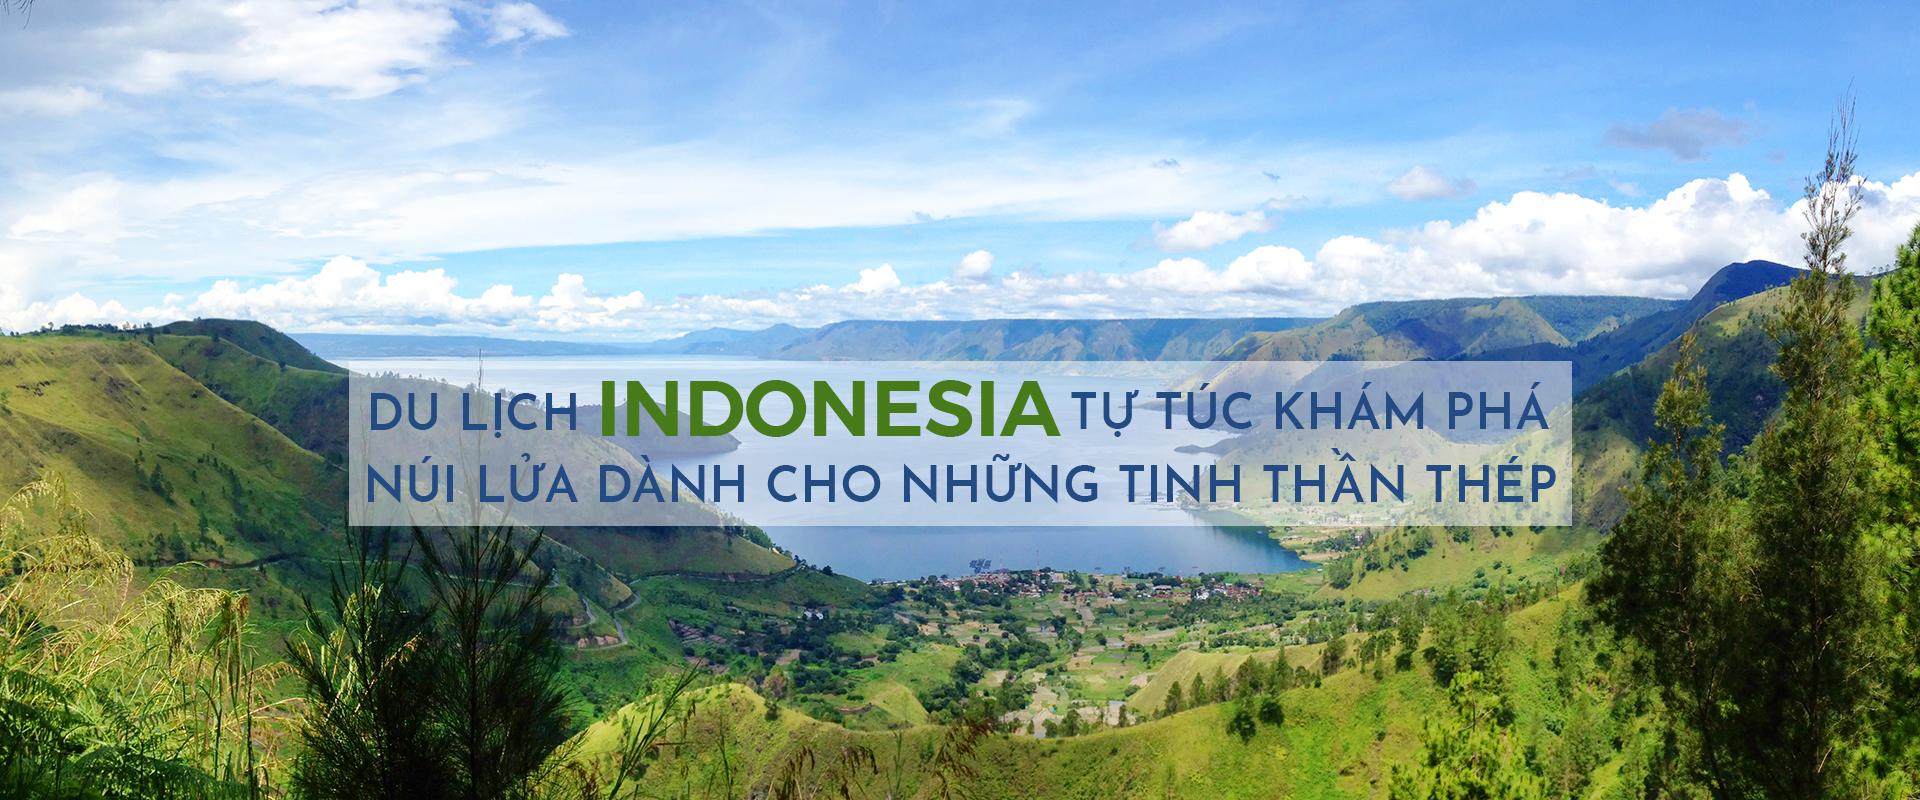 Du lịch Indonesia tự túc:  khám phá núi lửa dành cho những tinh thần thép